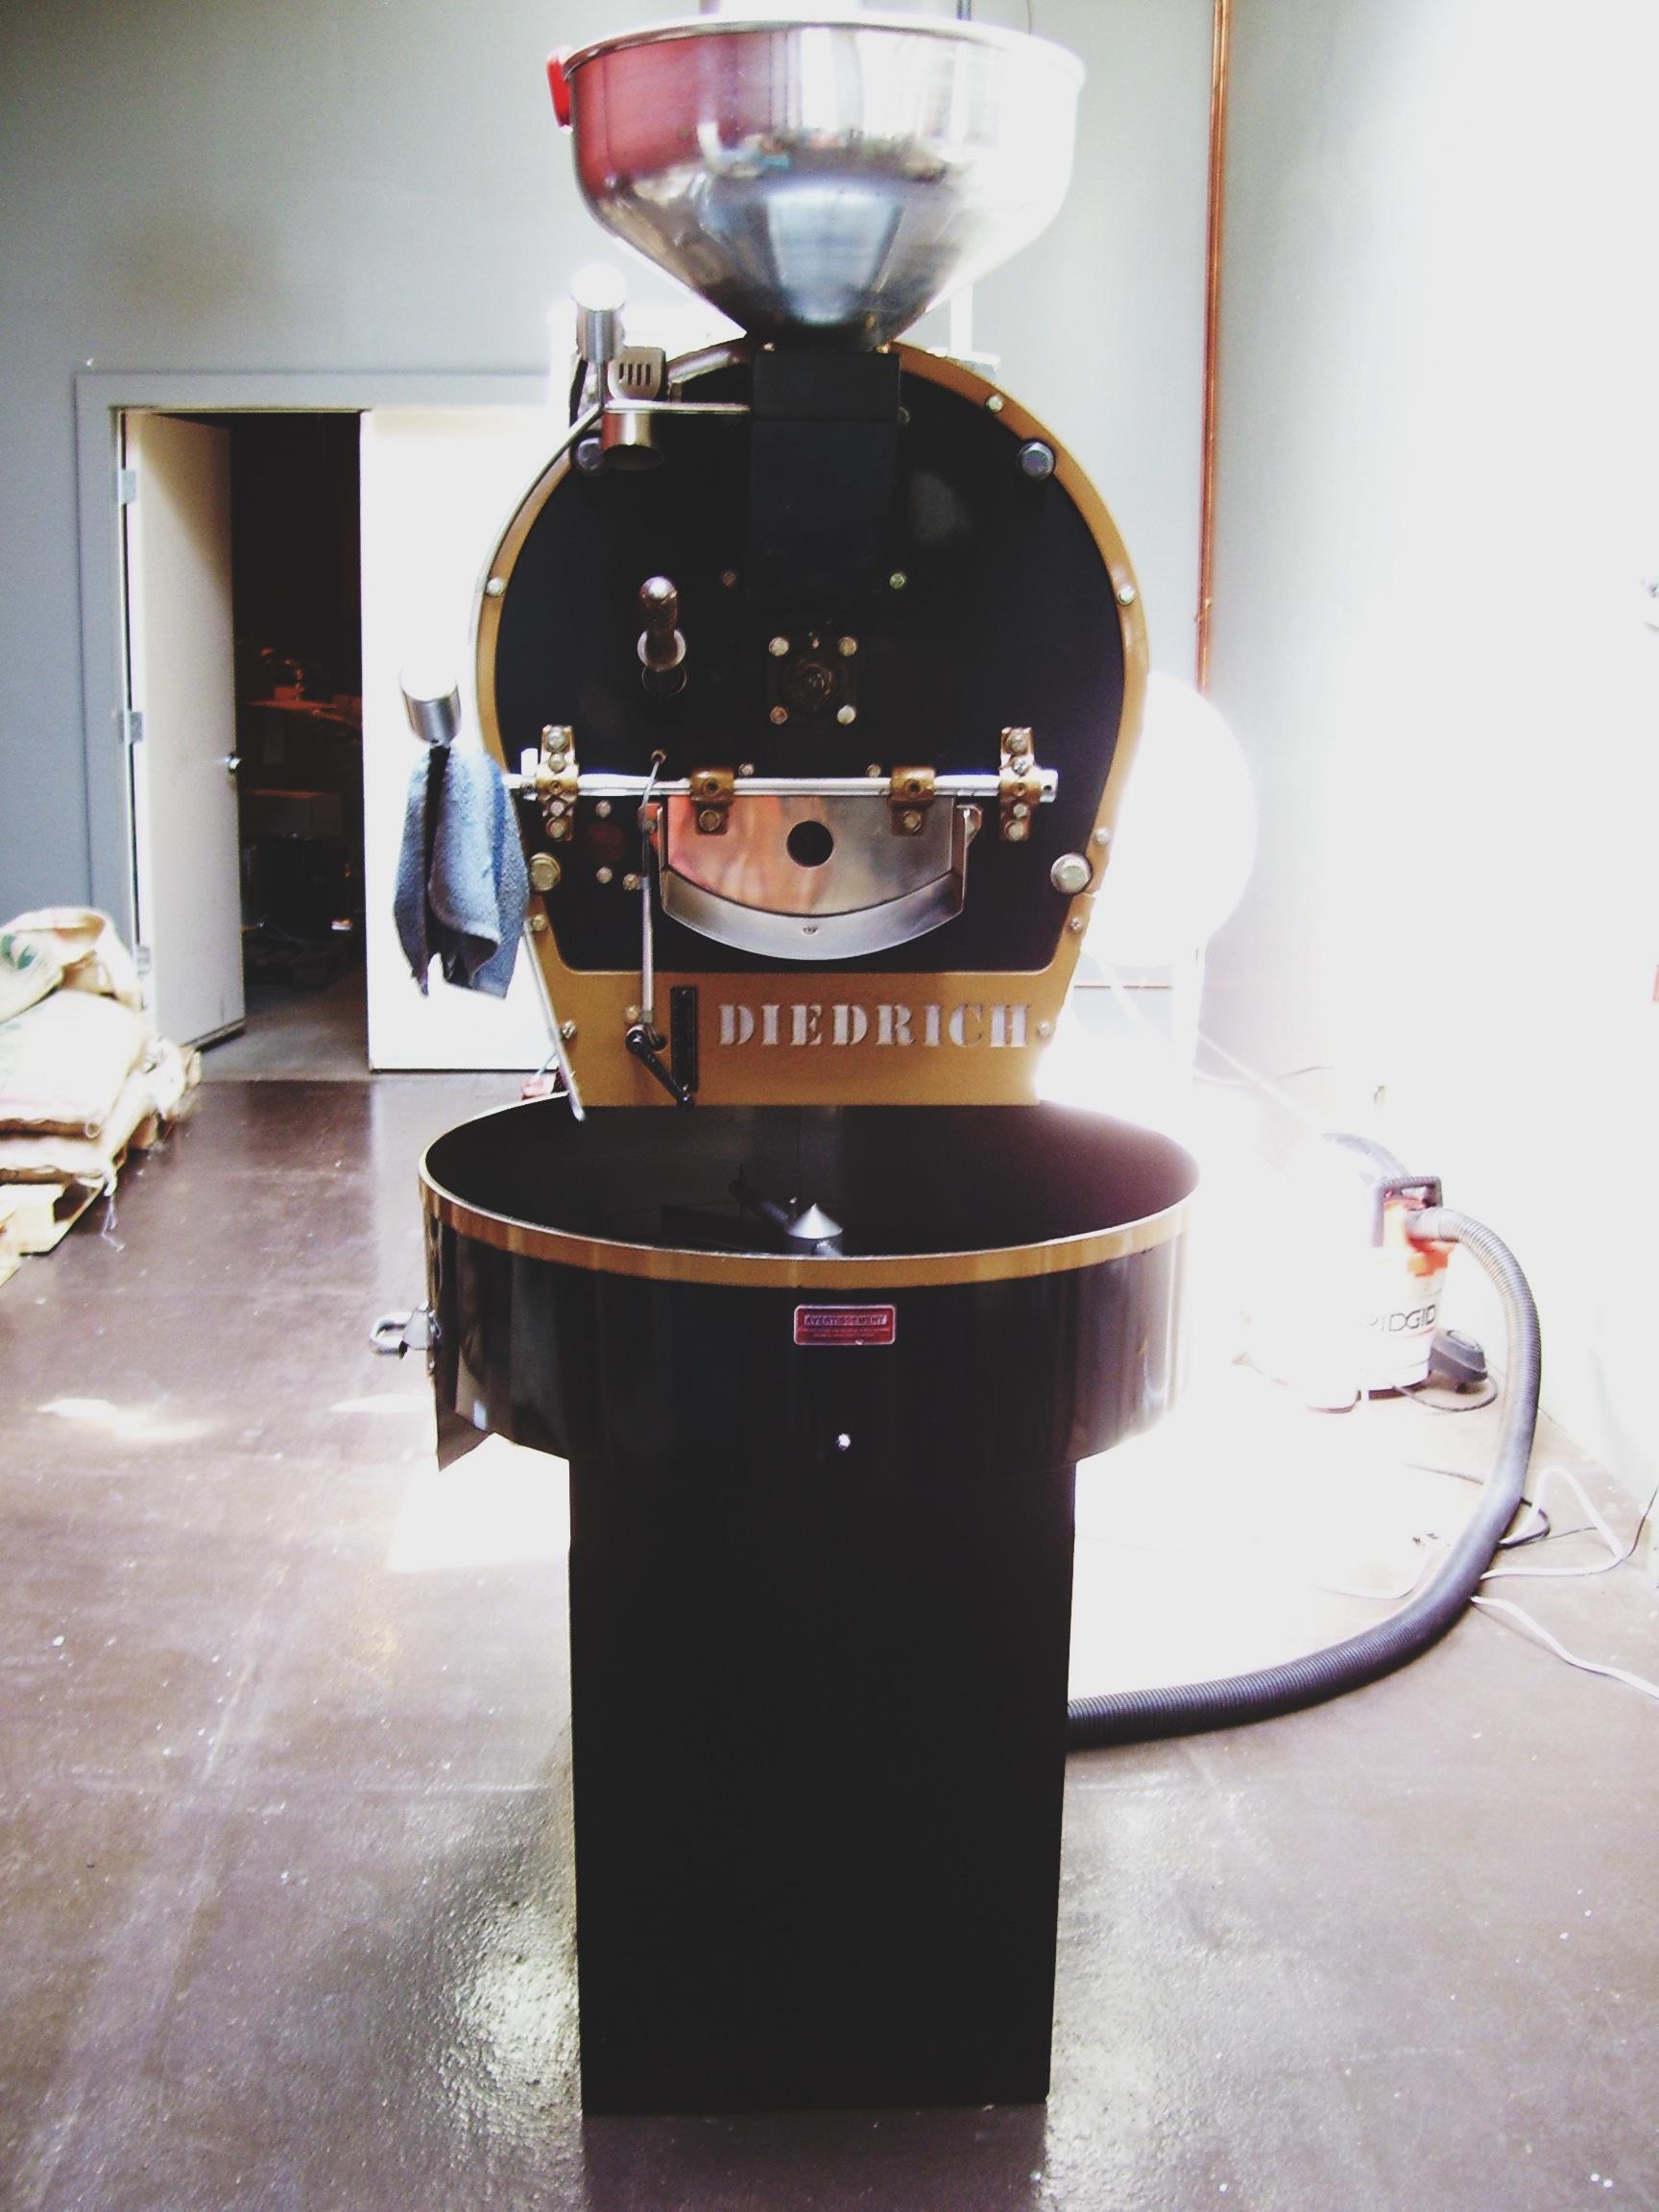 Victrola's drum roaster